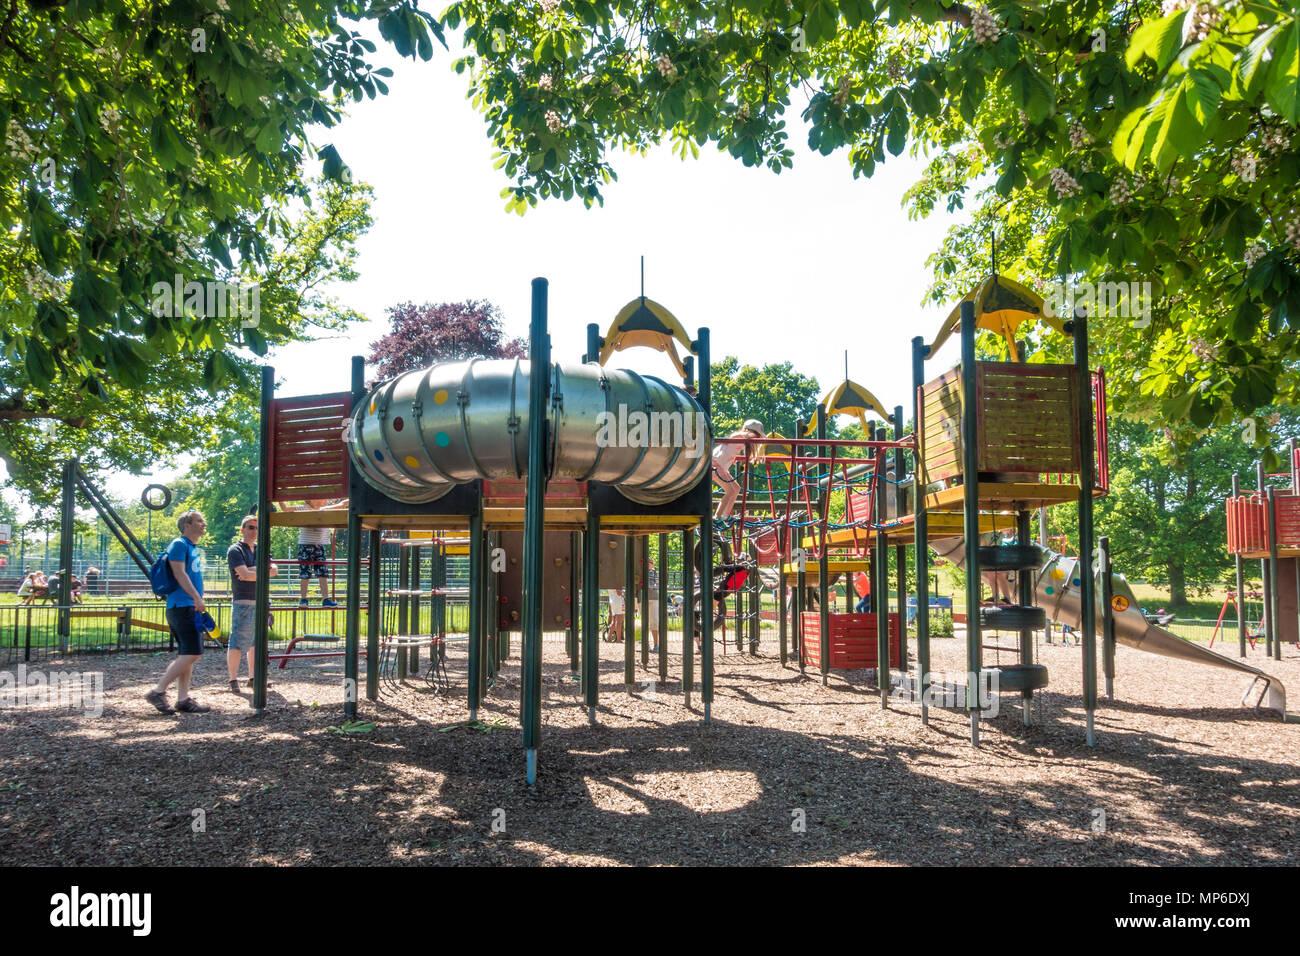 children-play-outside-on-climbing-frames-in-prospect-park-in-reading-berkshire-uk-MP6DXJ.jpg